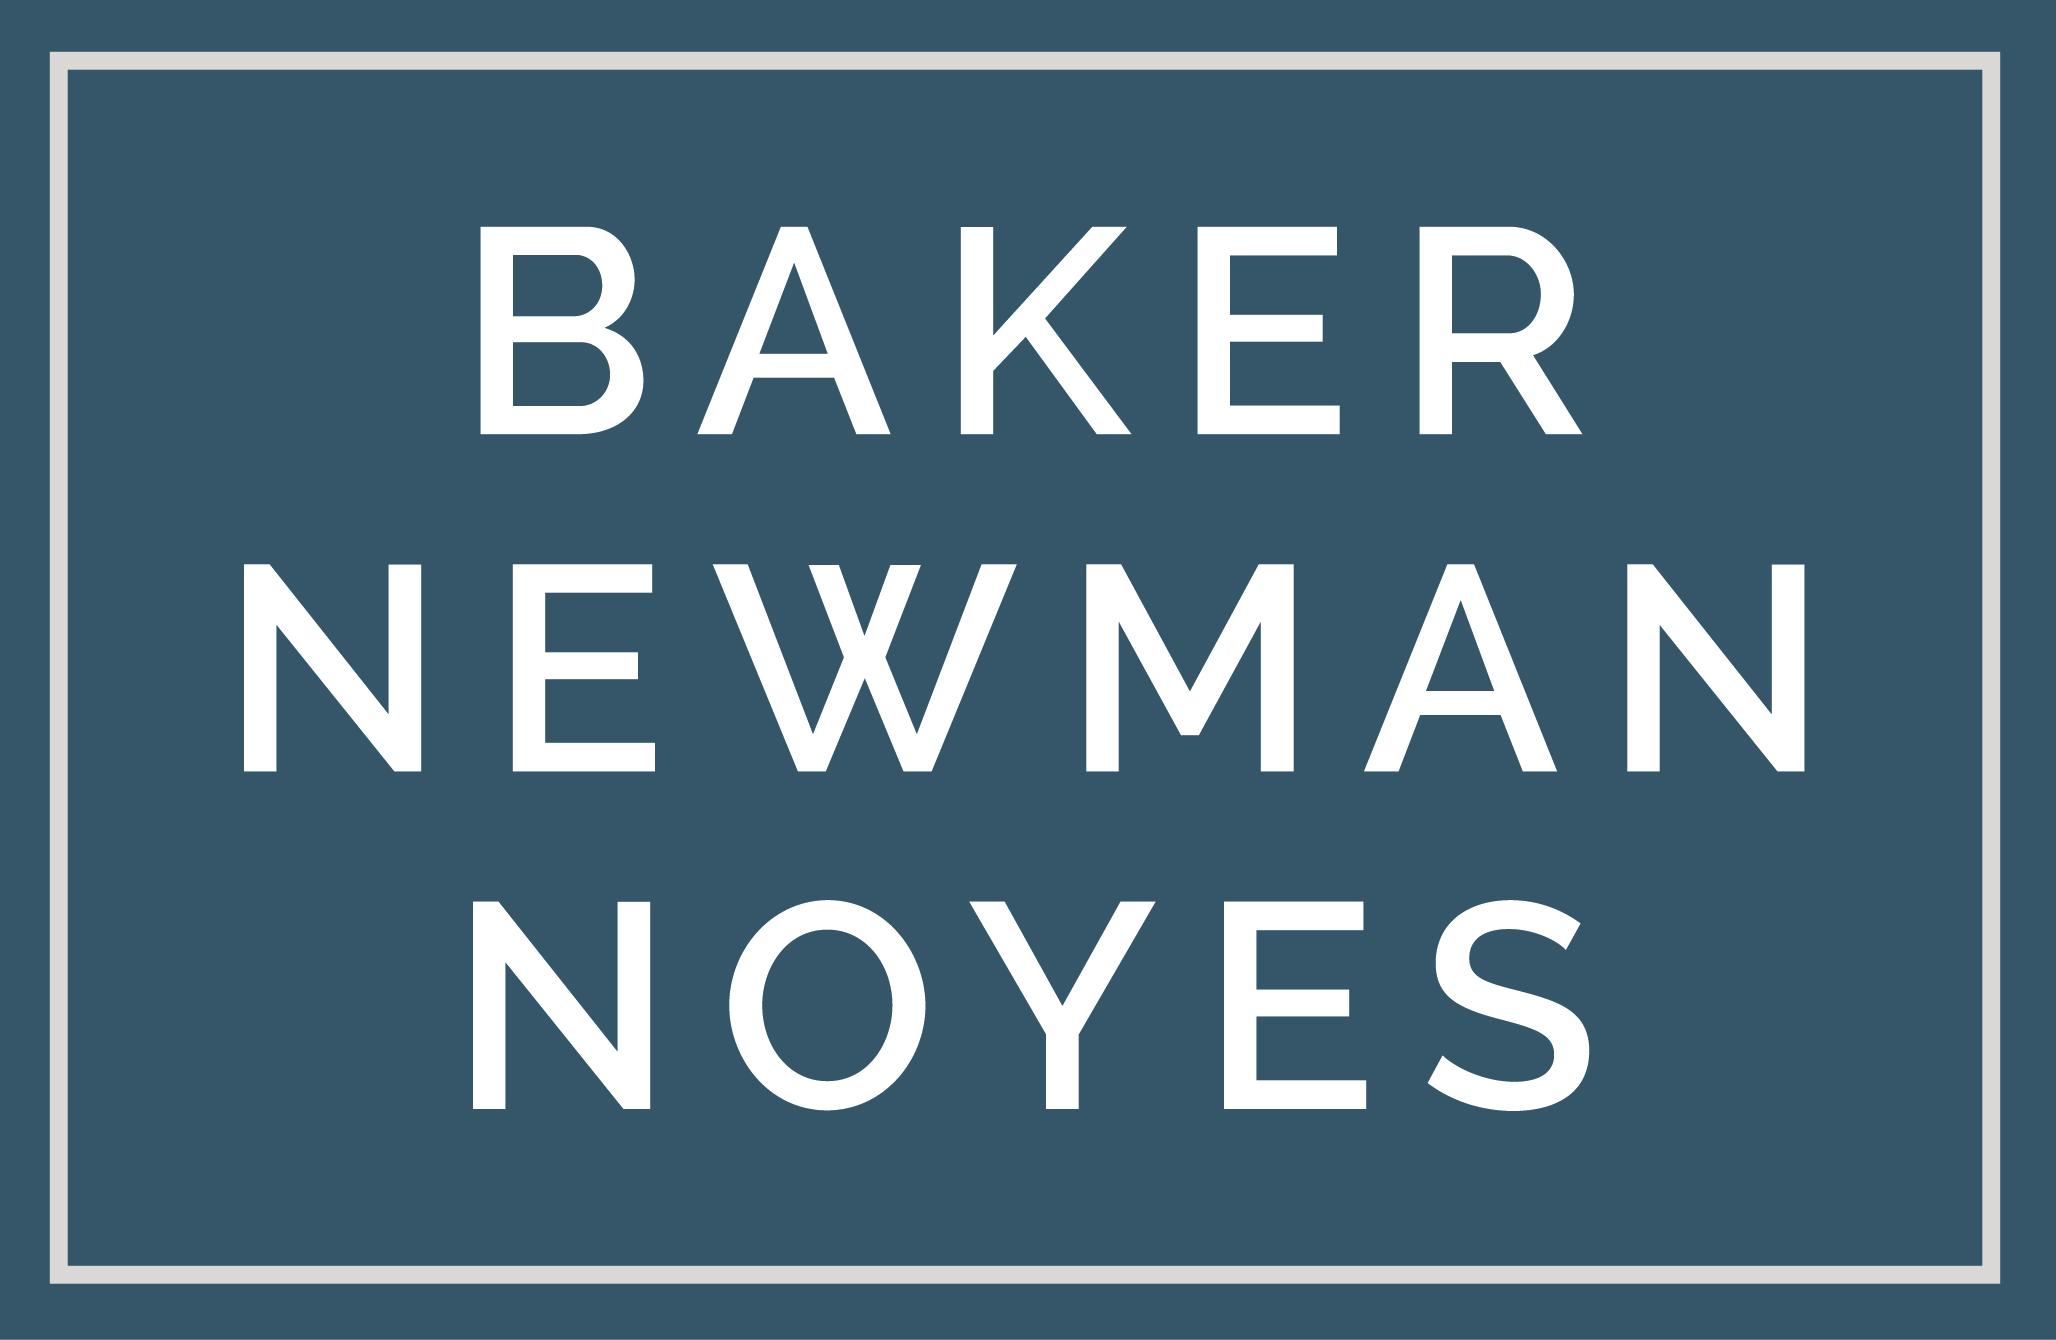 BakerNewmanNoyes-FinalLogo-CMYK-HiRes.jpg